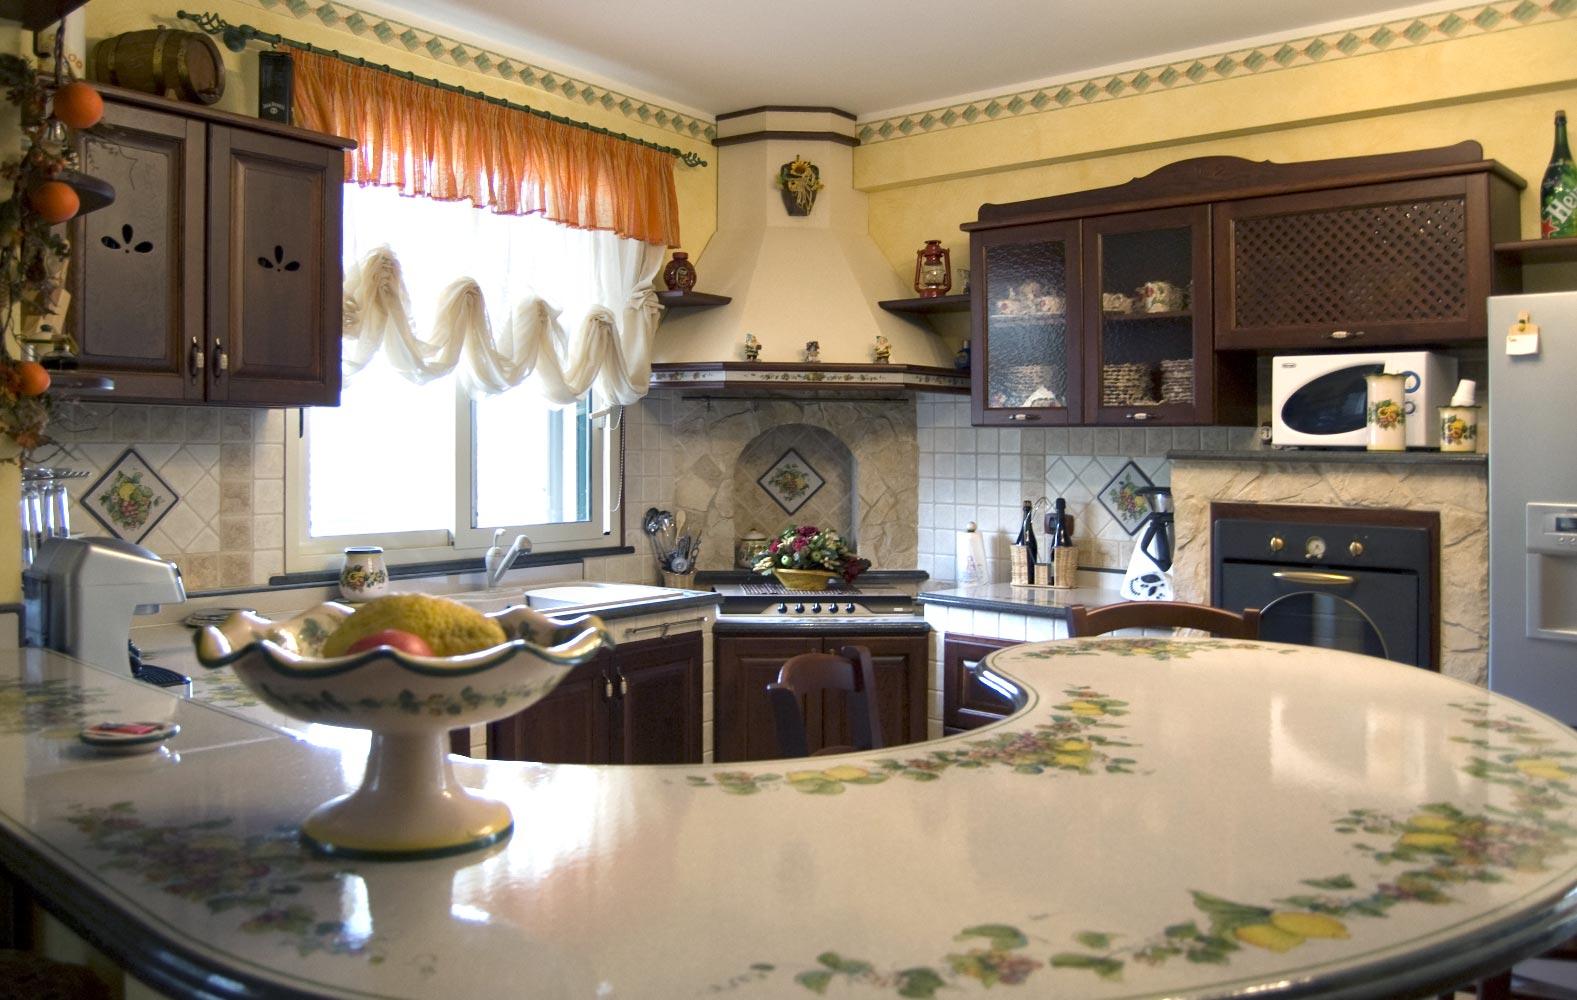 Cucine ecologiche cucine in finta muratura modello - Modelli di cucina in muratura ...